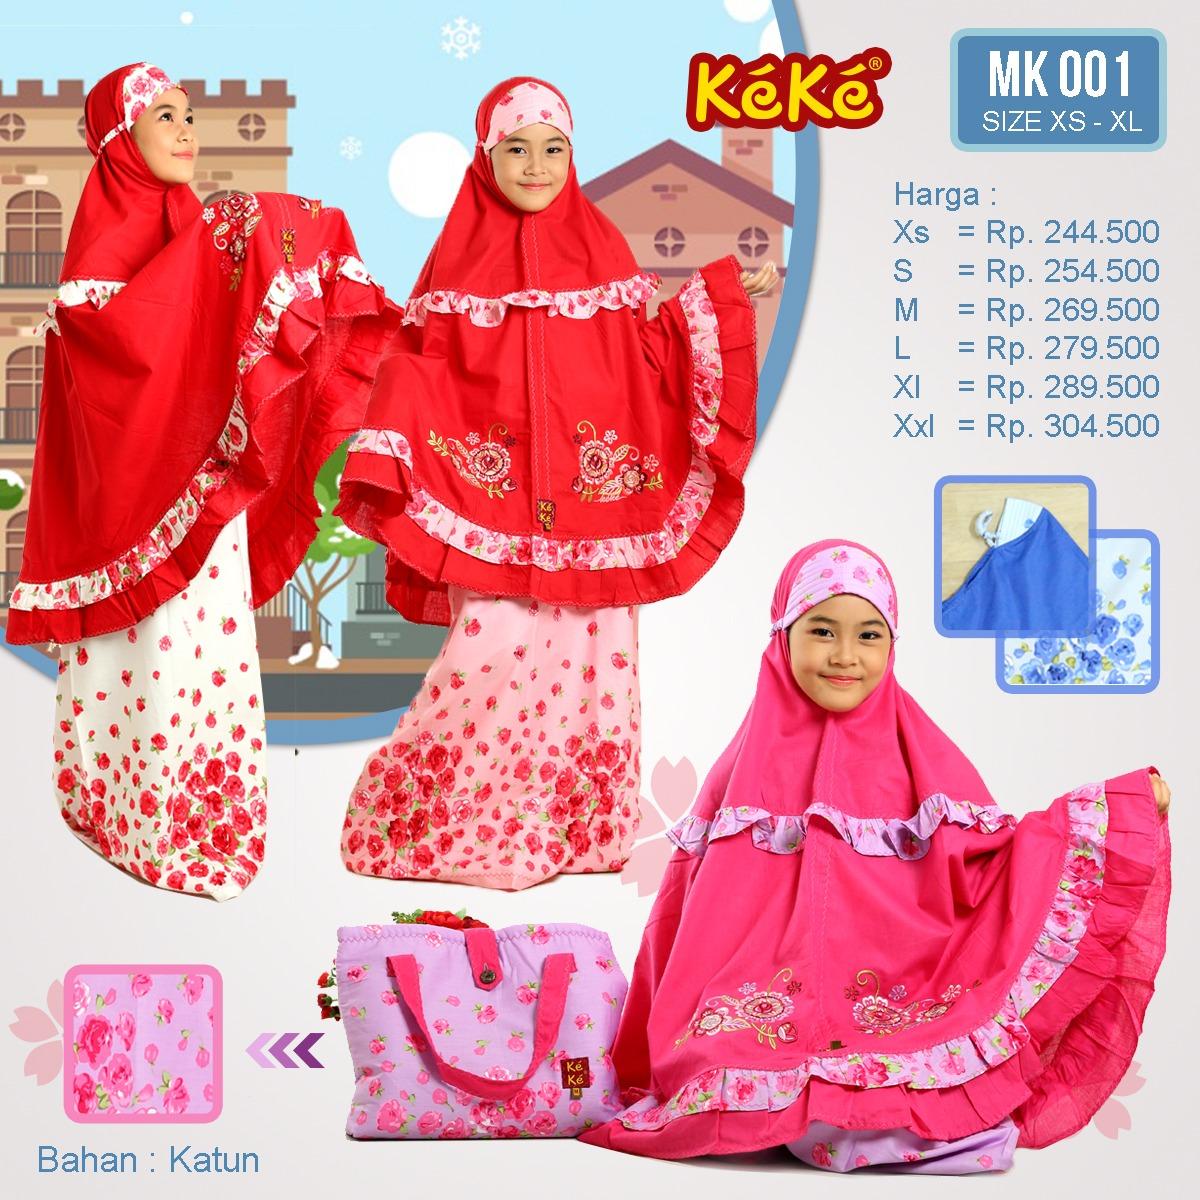 KeKe MK 001